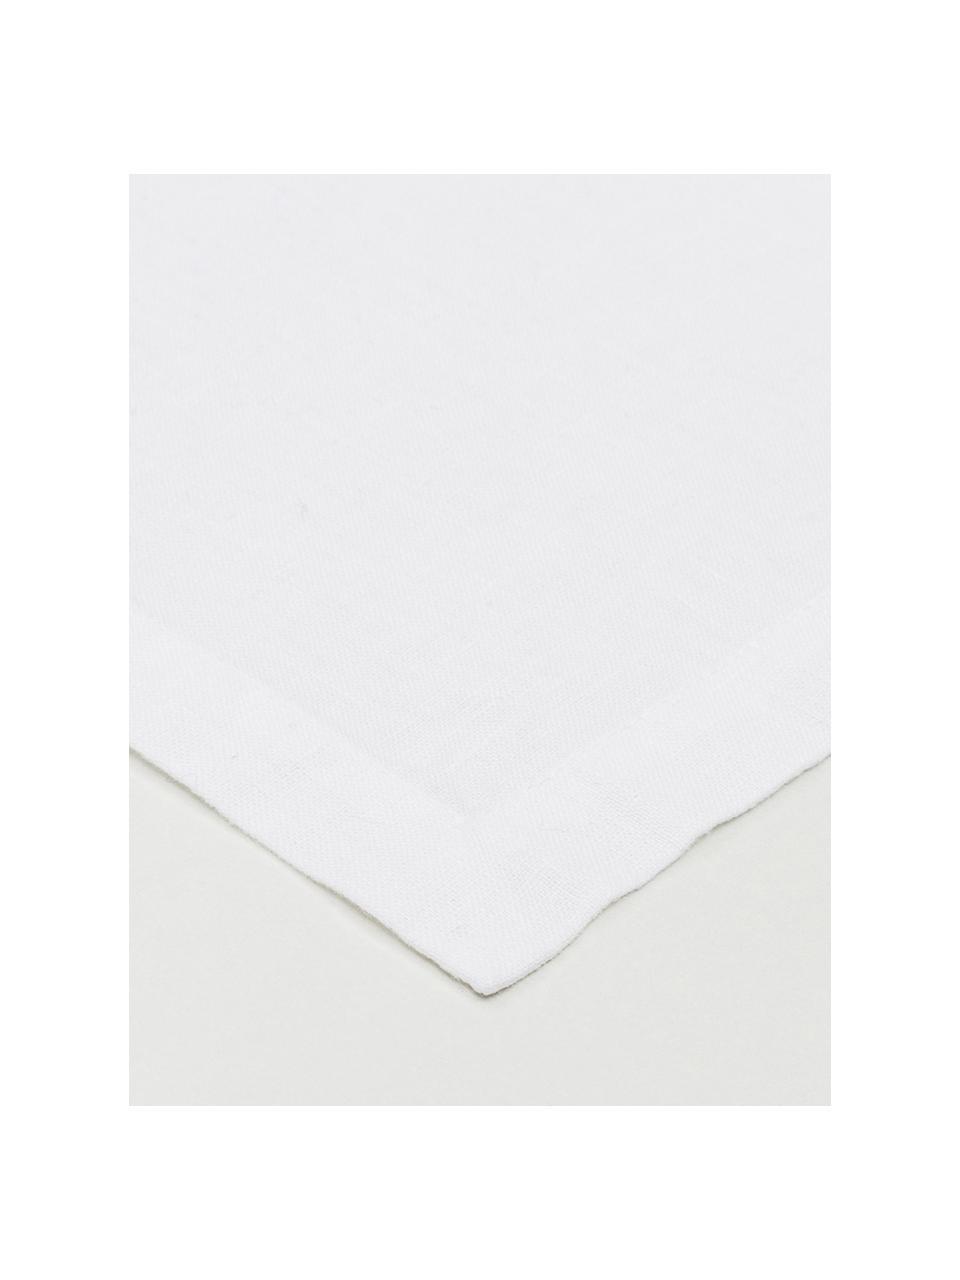 Chemin de table en lin blanc Ruta, Blanc neige